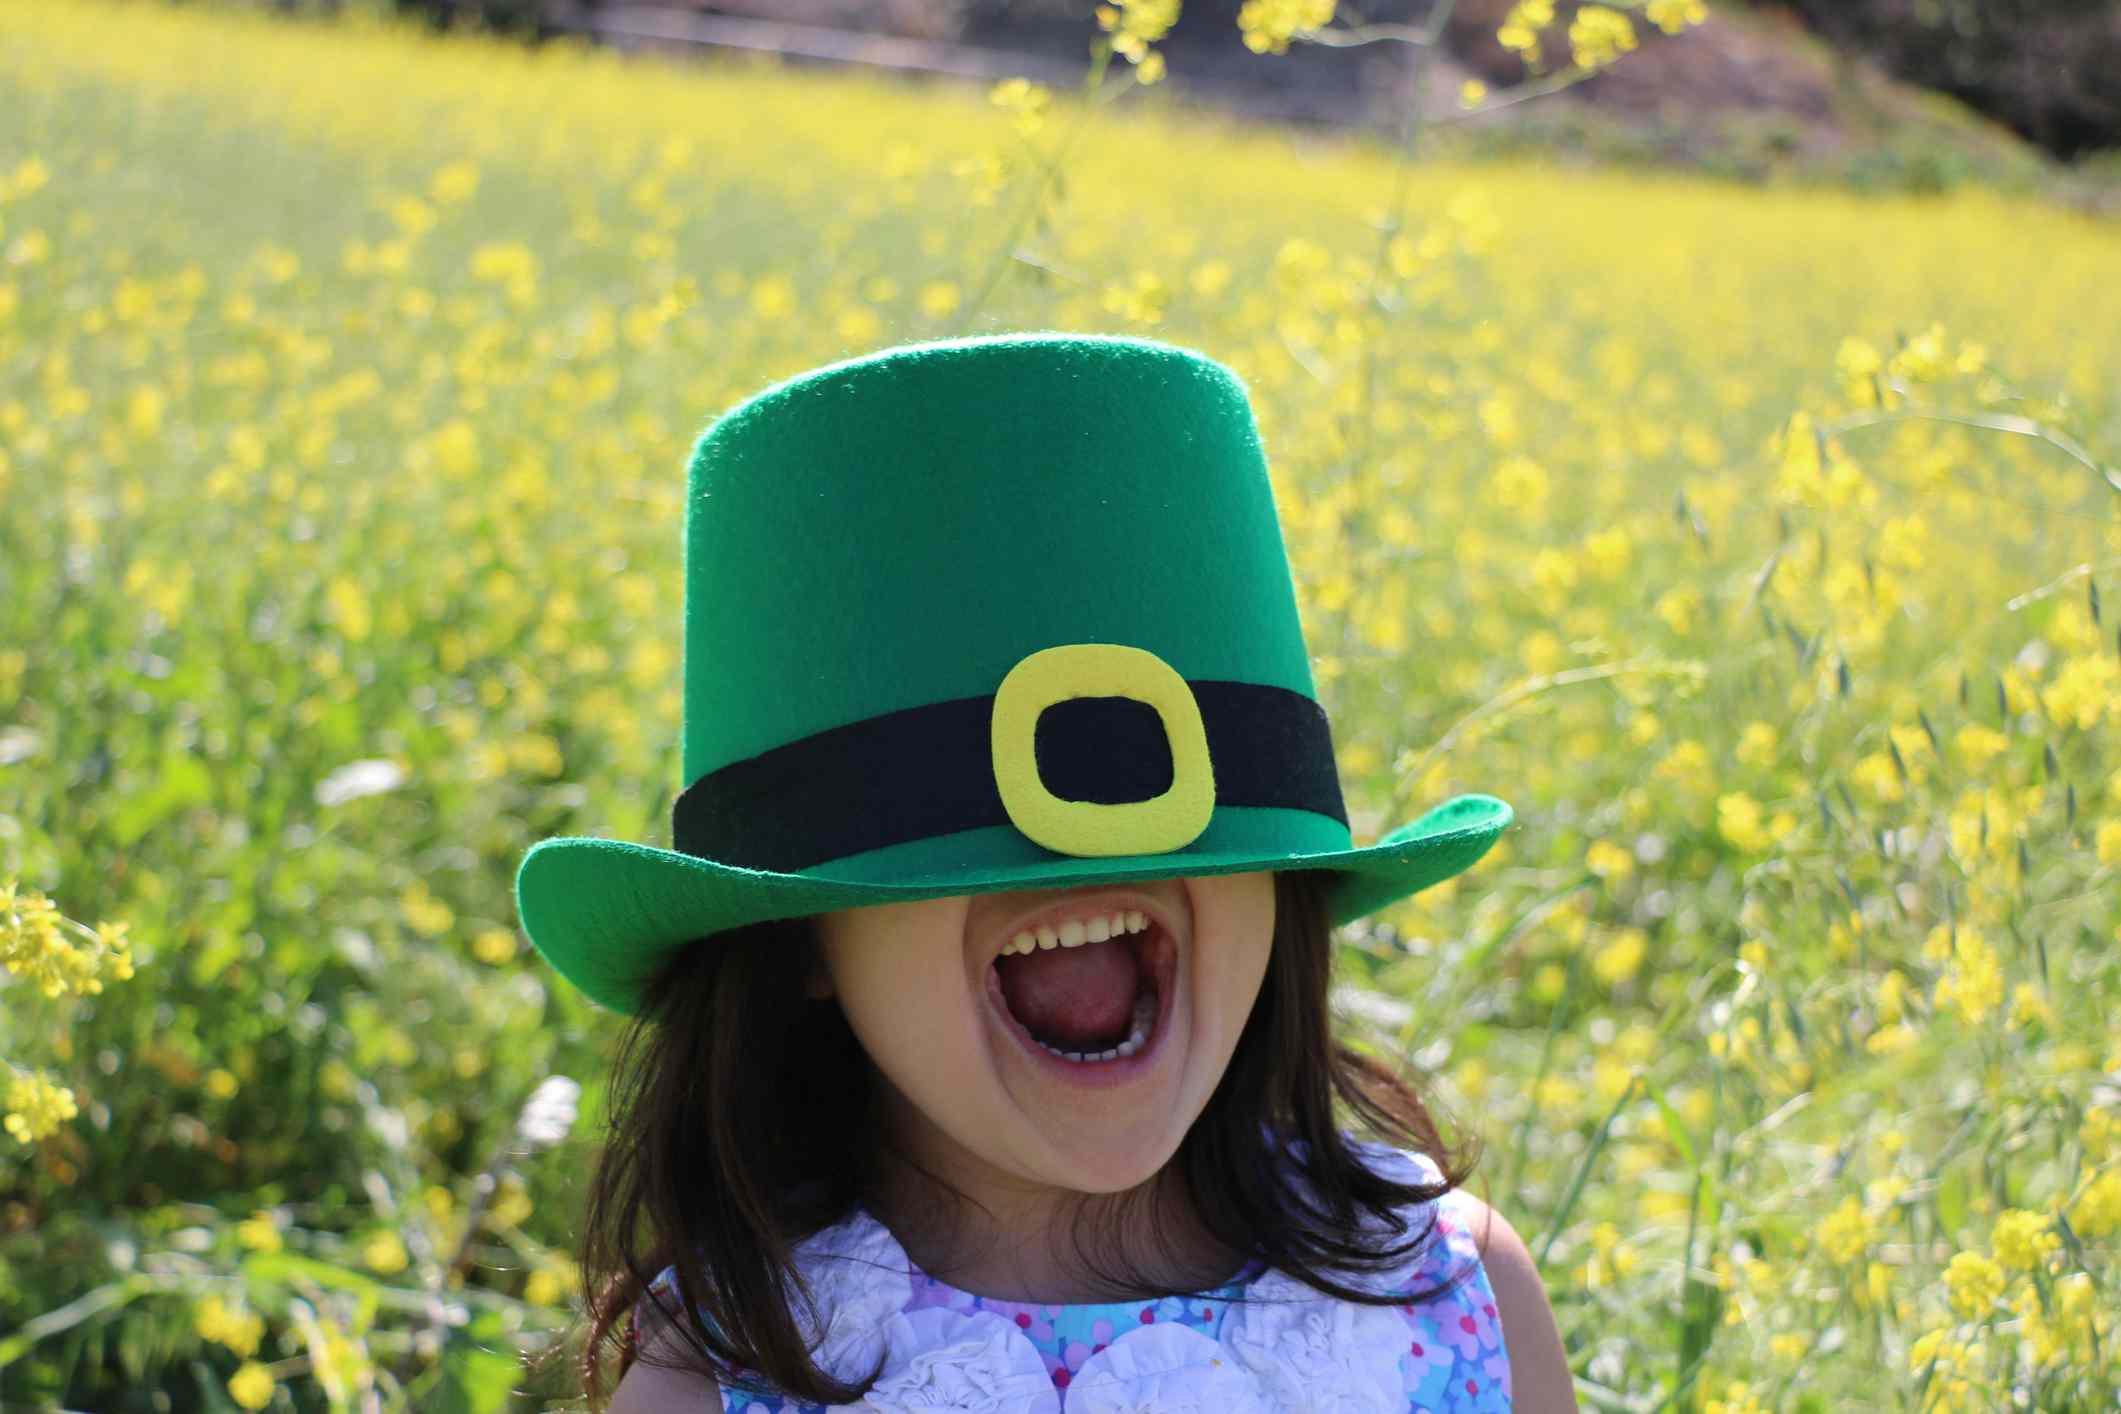 A little girl wearing a leprechaun hat